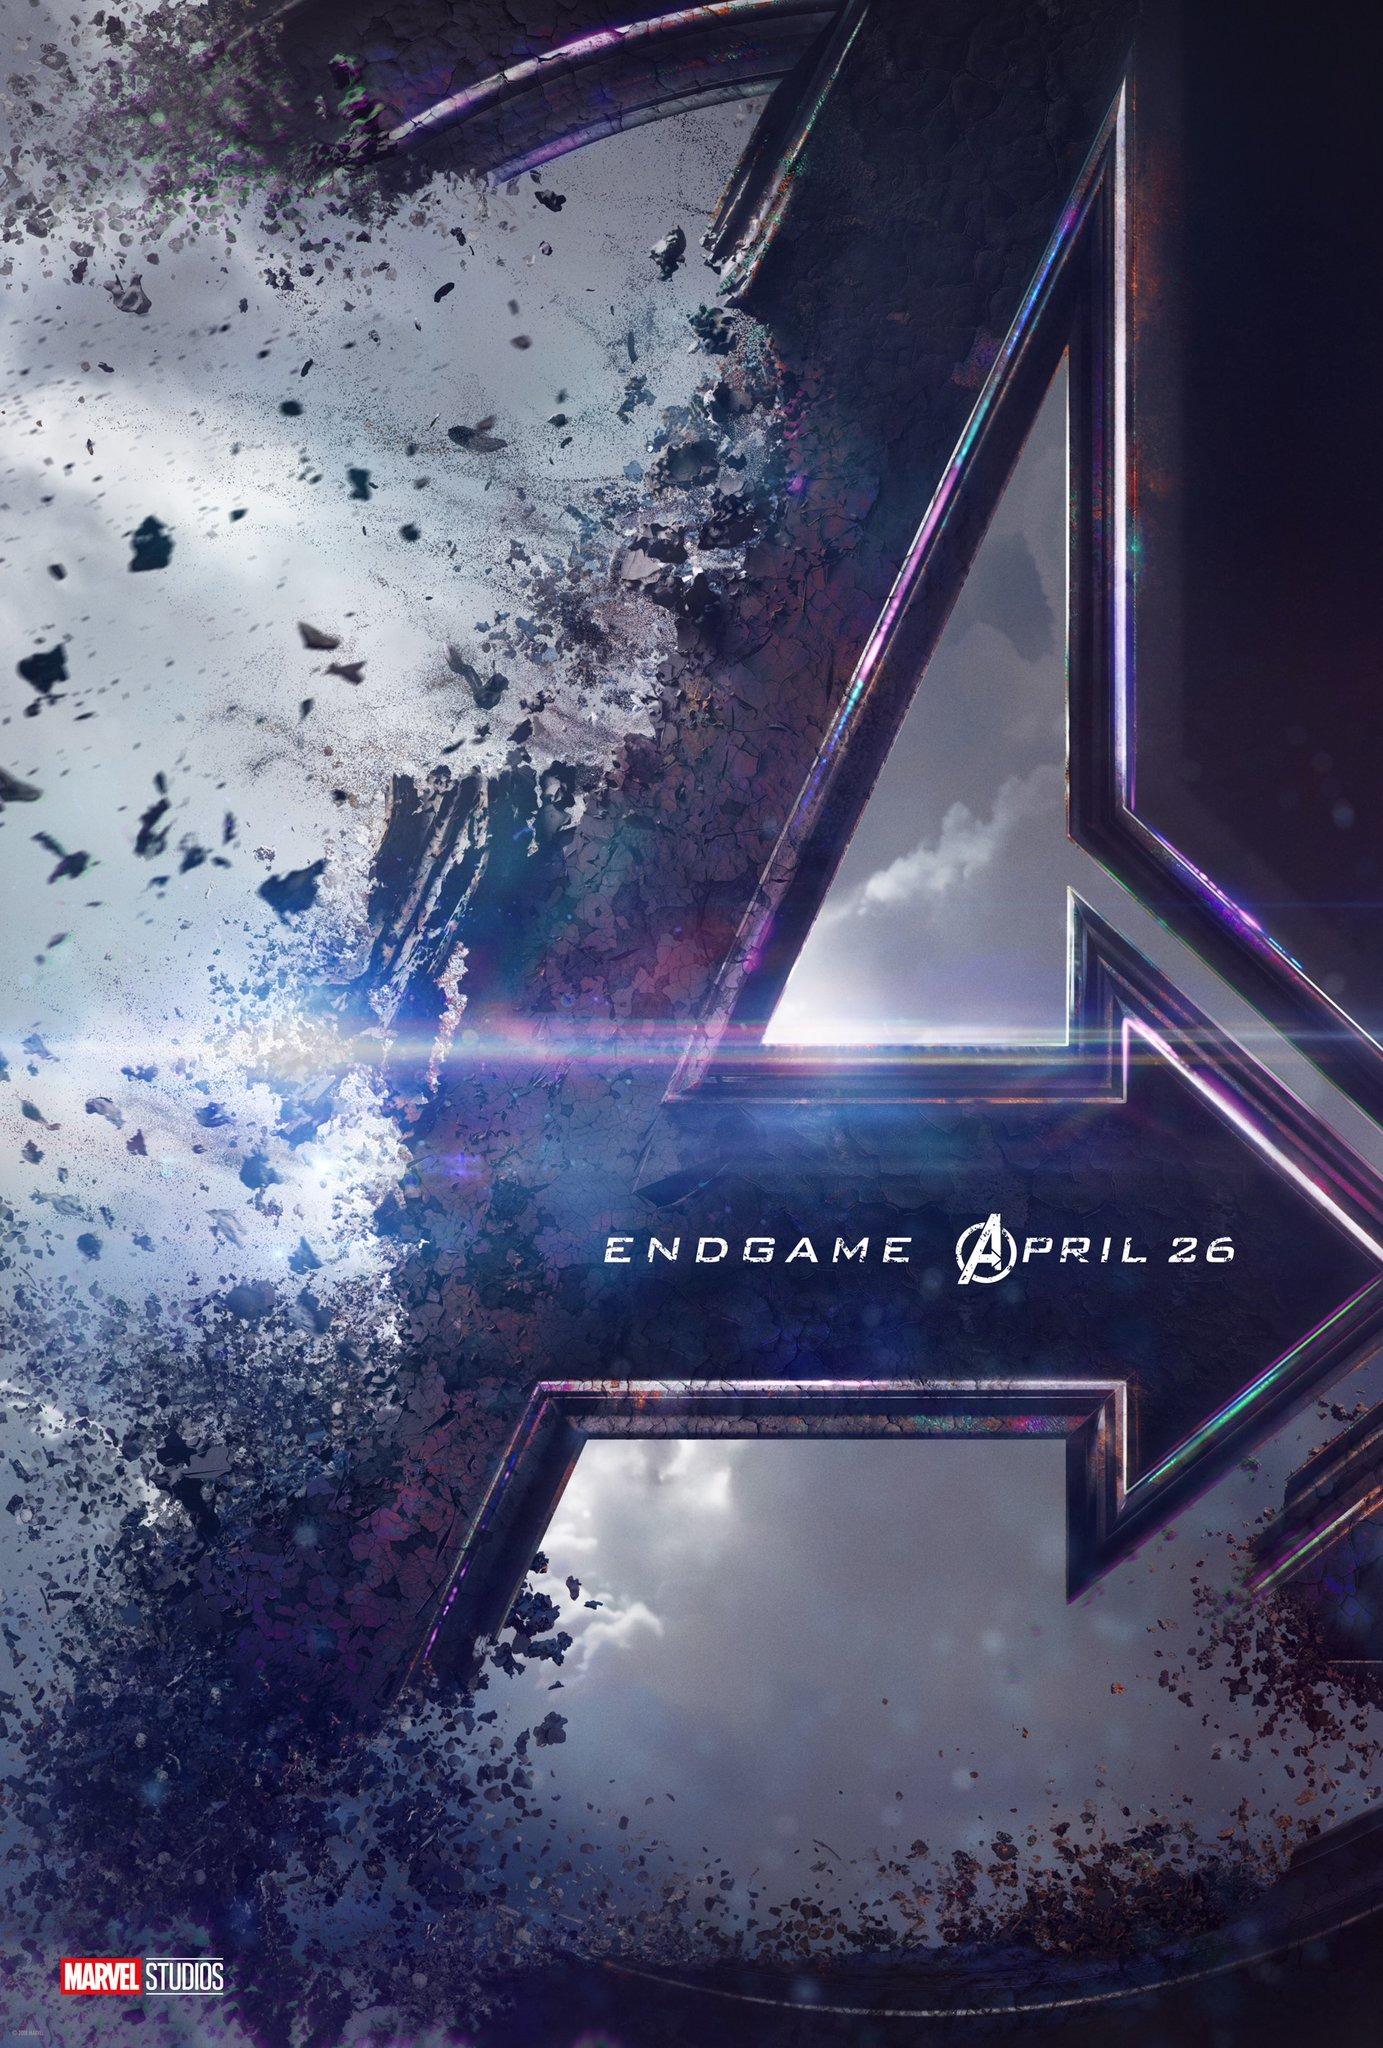 szmk_avengers_bosszuallok_endgame_vegjatek_marvel_poster.jpg